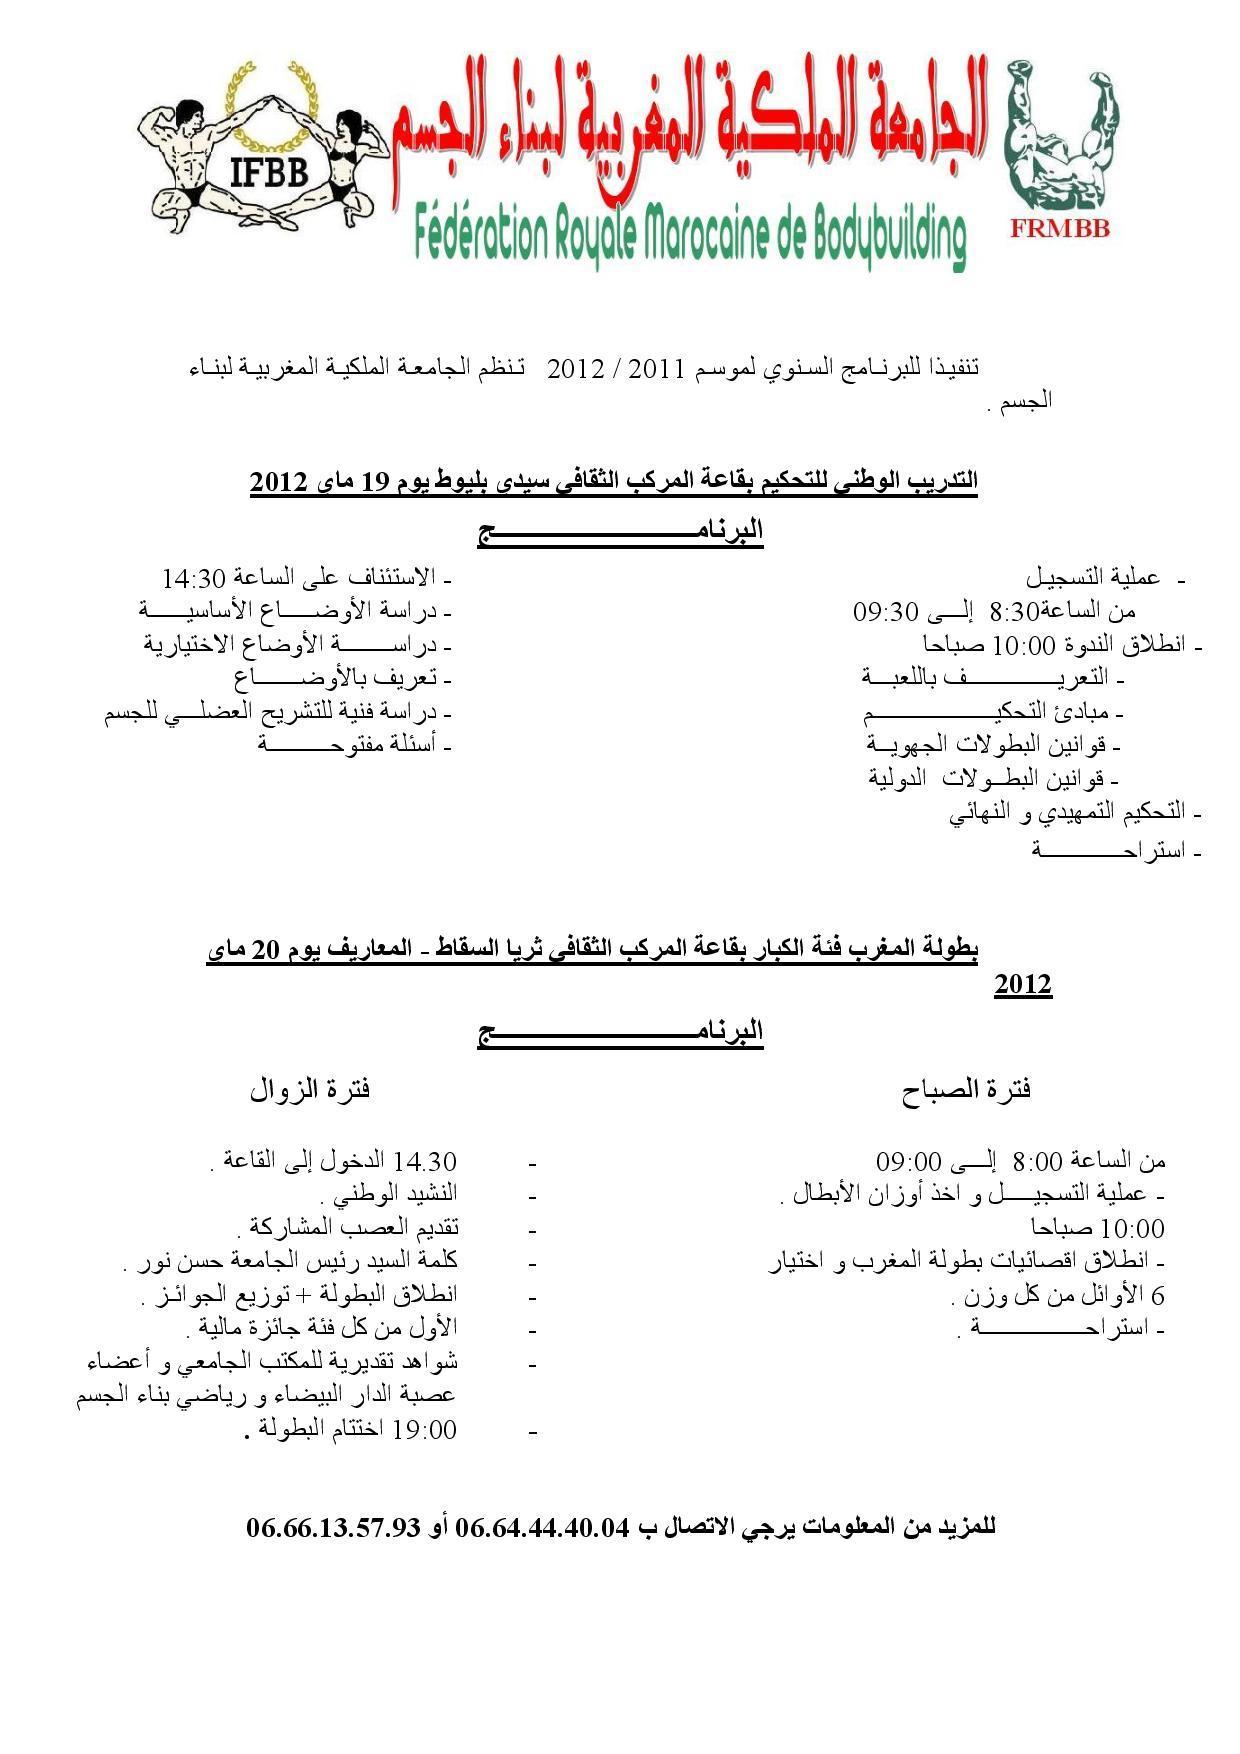 بطولة المغرب بتاريخ 19 و 20 ماي 2012 بمدينة casablanca 817666356